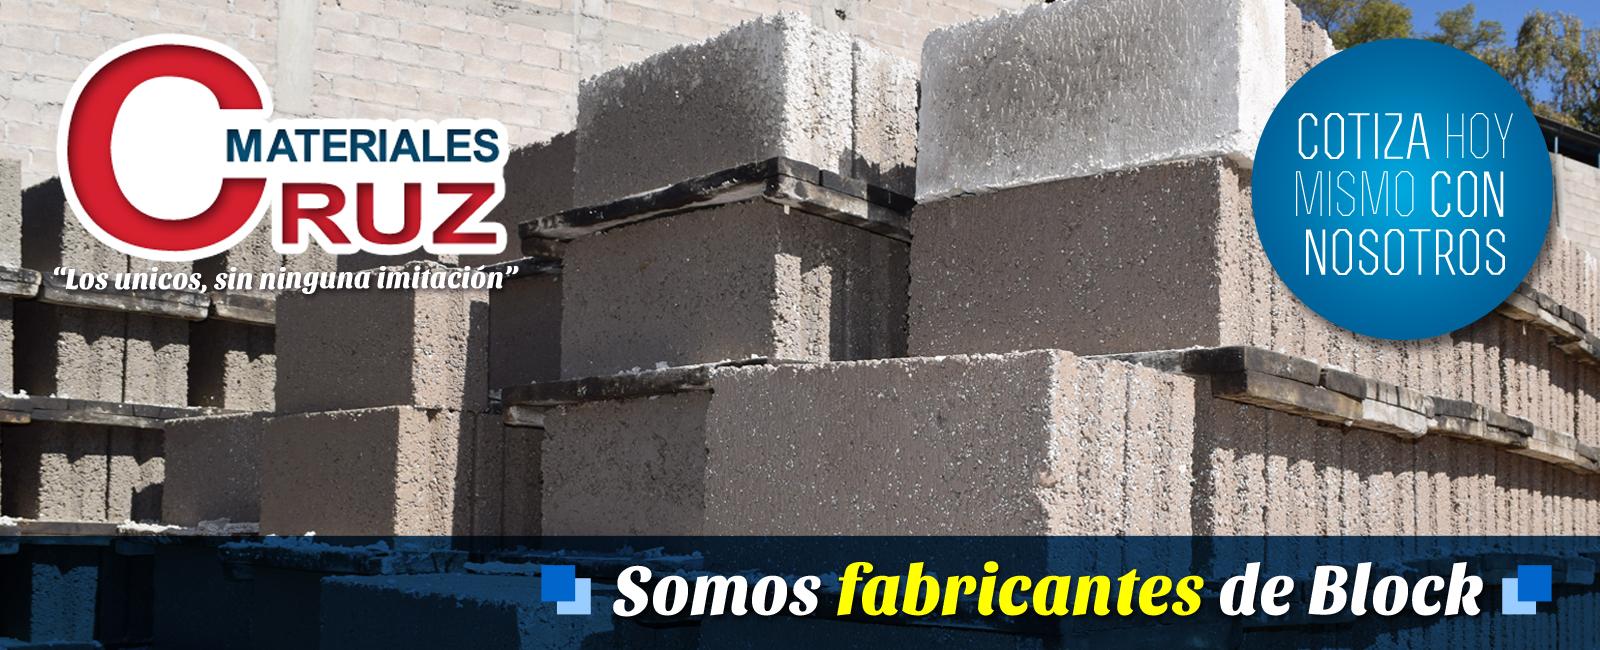 materiales-cruz-construccion-almanaque-mx